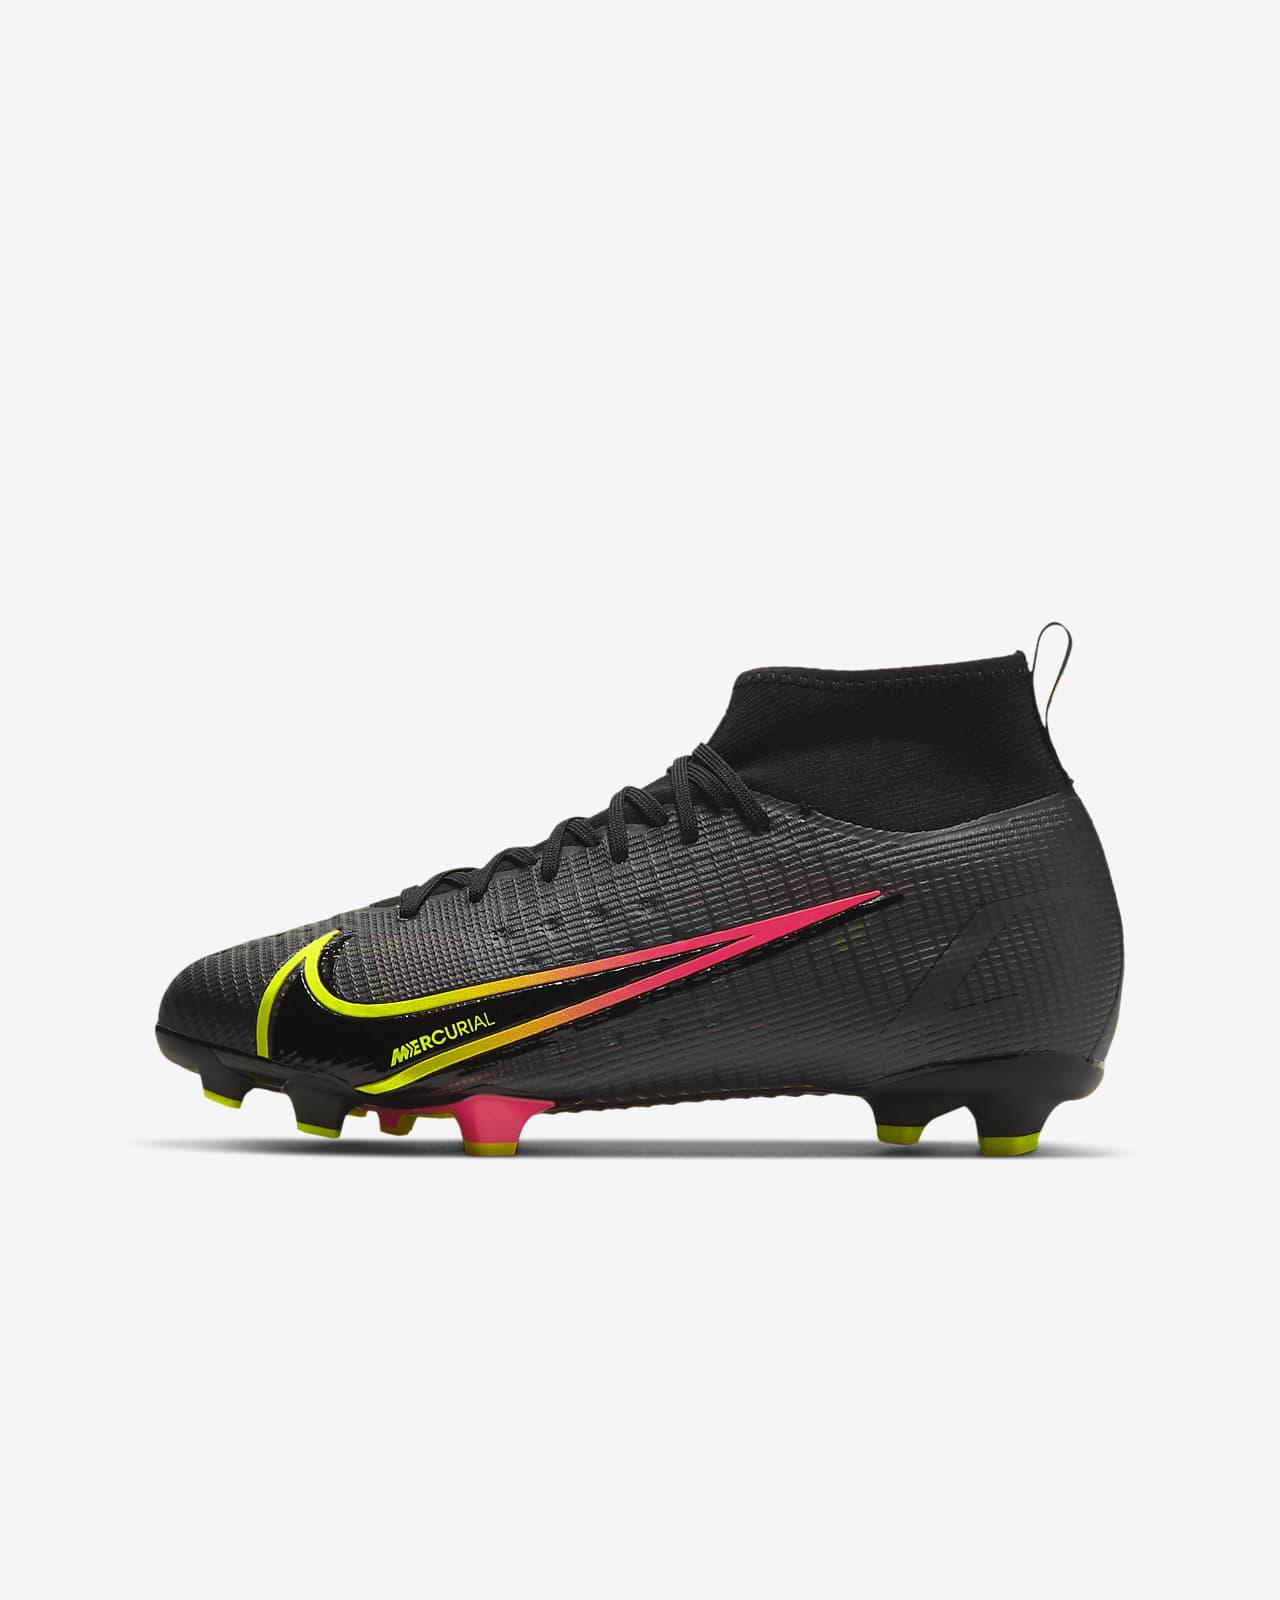 Chaussure de football à crampons pour terrain sec Nike Jr. Mercurial Superfly 8 Pro FG pour Jeune enfant/Enfant plus âgé